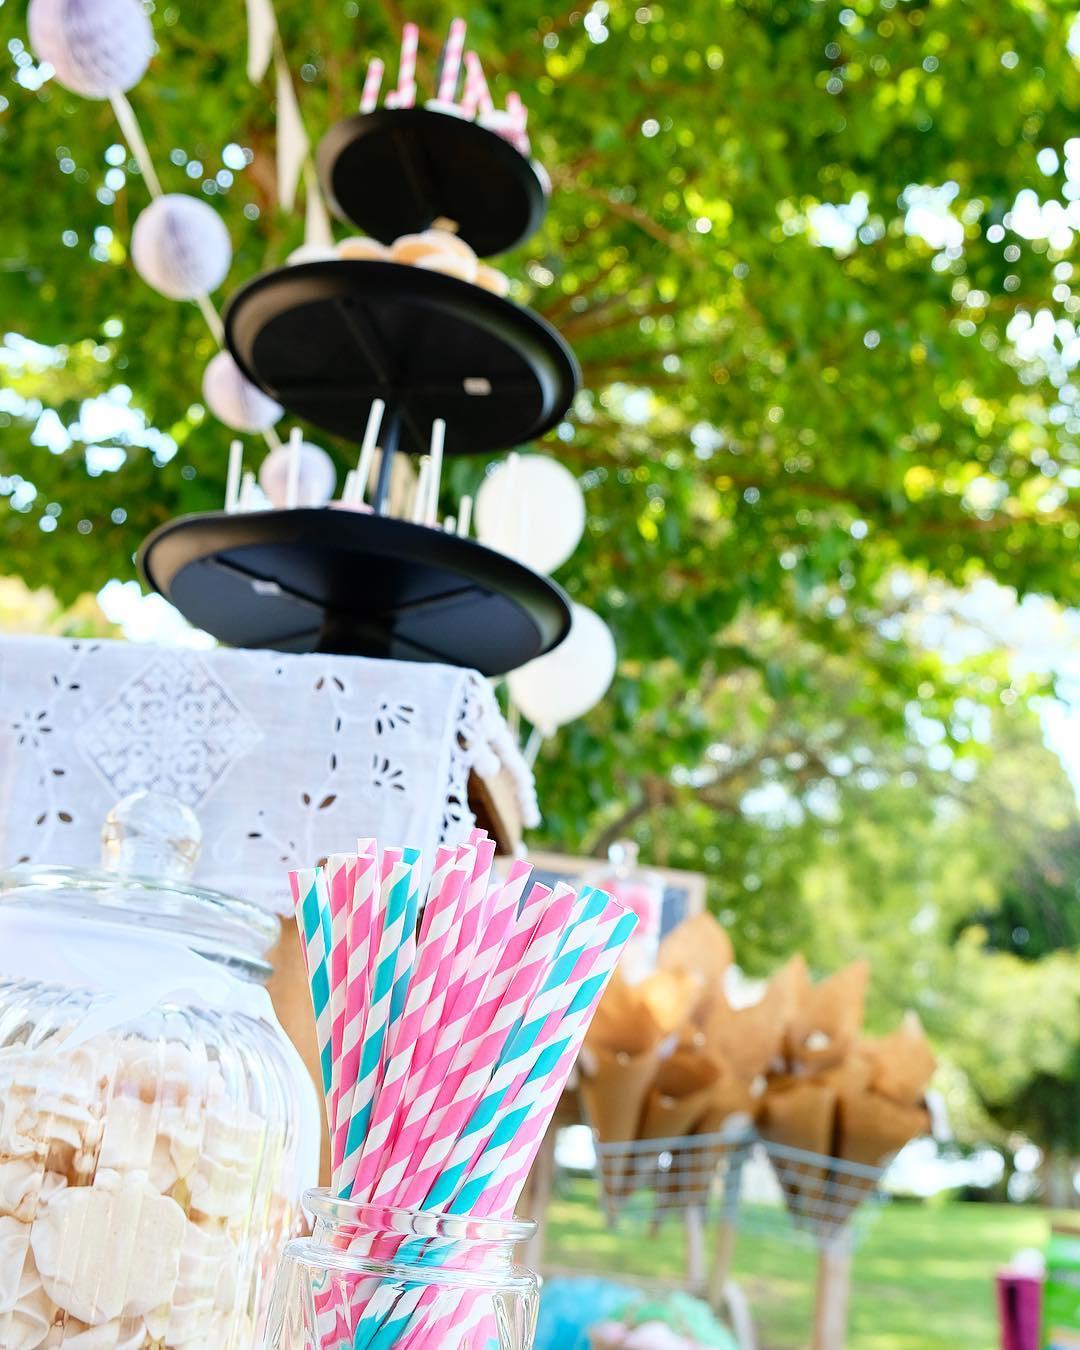 JUST MARRIED ❤️ Jour de Mariage ????? . . ➕ Vanille ou Chocolat • cake design & event . ? Domaine des Moures • Villeneuve les Maguelone(34)?? _________________ #vanilleouchocolat #vanilleouchocolat_montpellier #justmarried #domainedesmoures #villeneuvelesmaguelone #visitvlm #blogfood #blogmariage #montpellier #pintademontpellier #travel #travelblog